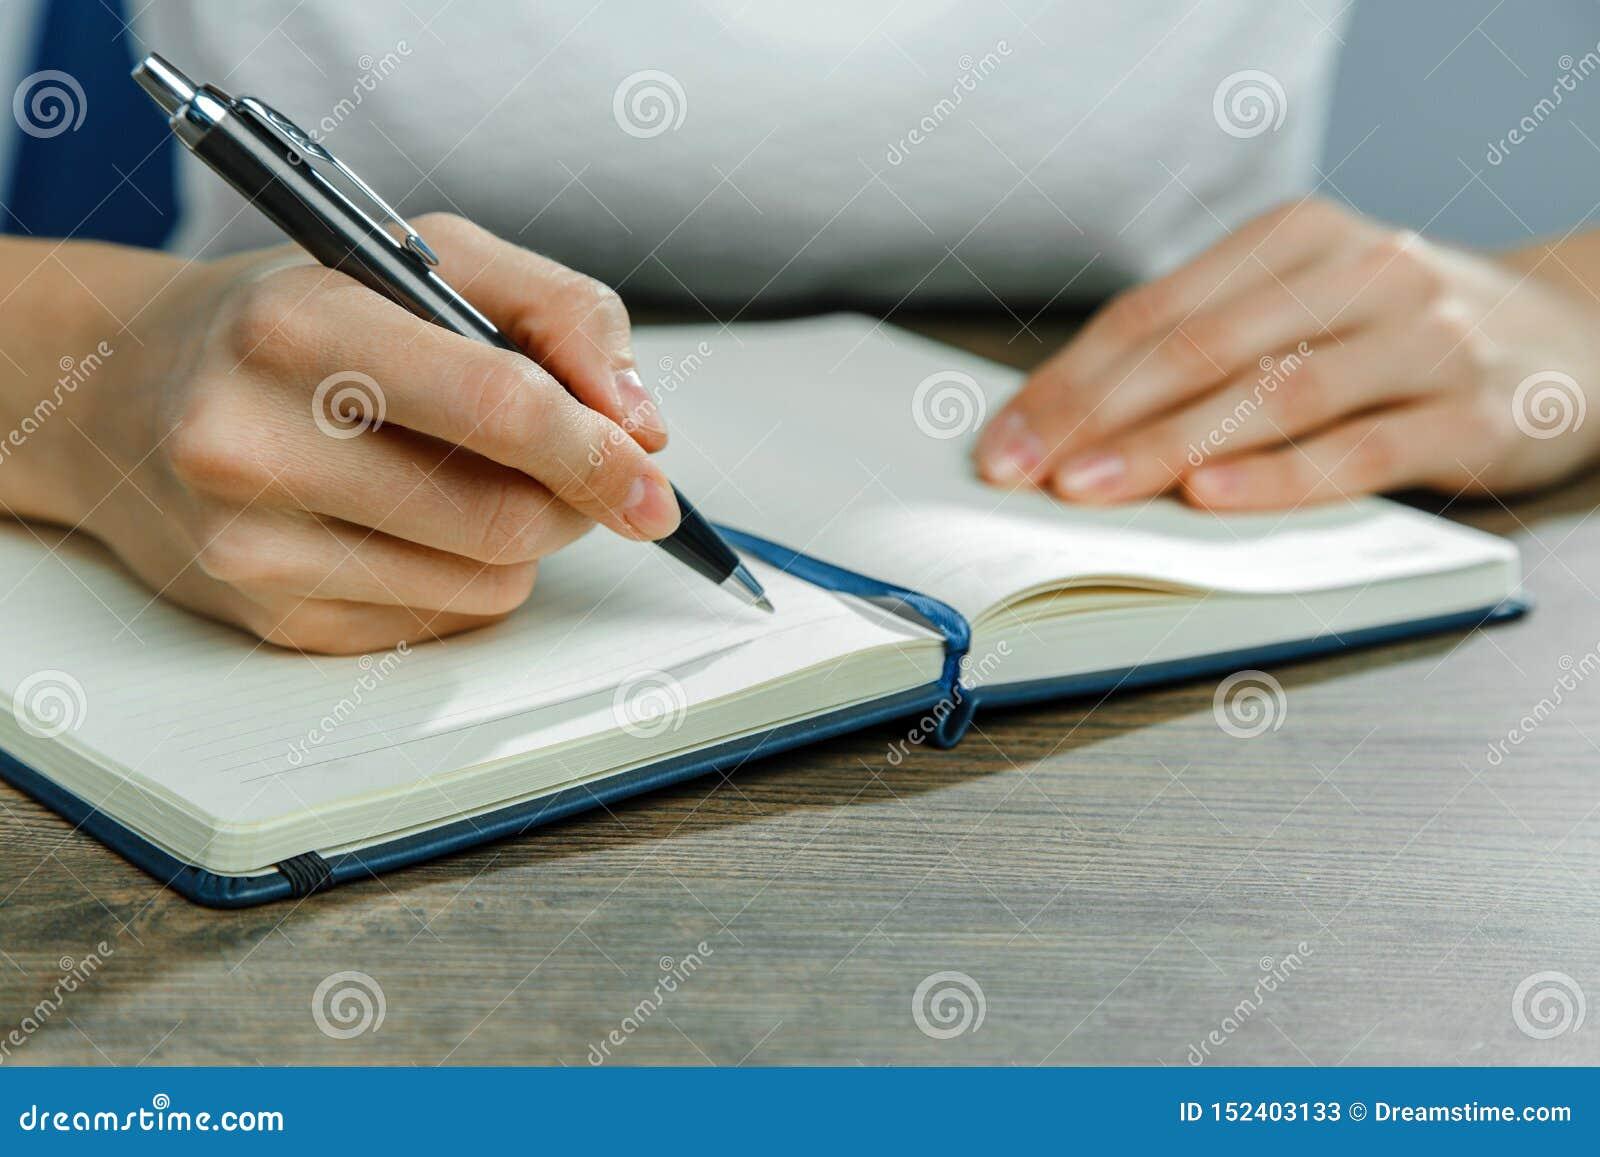 Les mains femelles écrivent dans un carnet